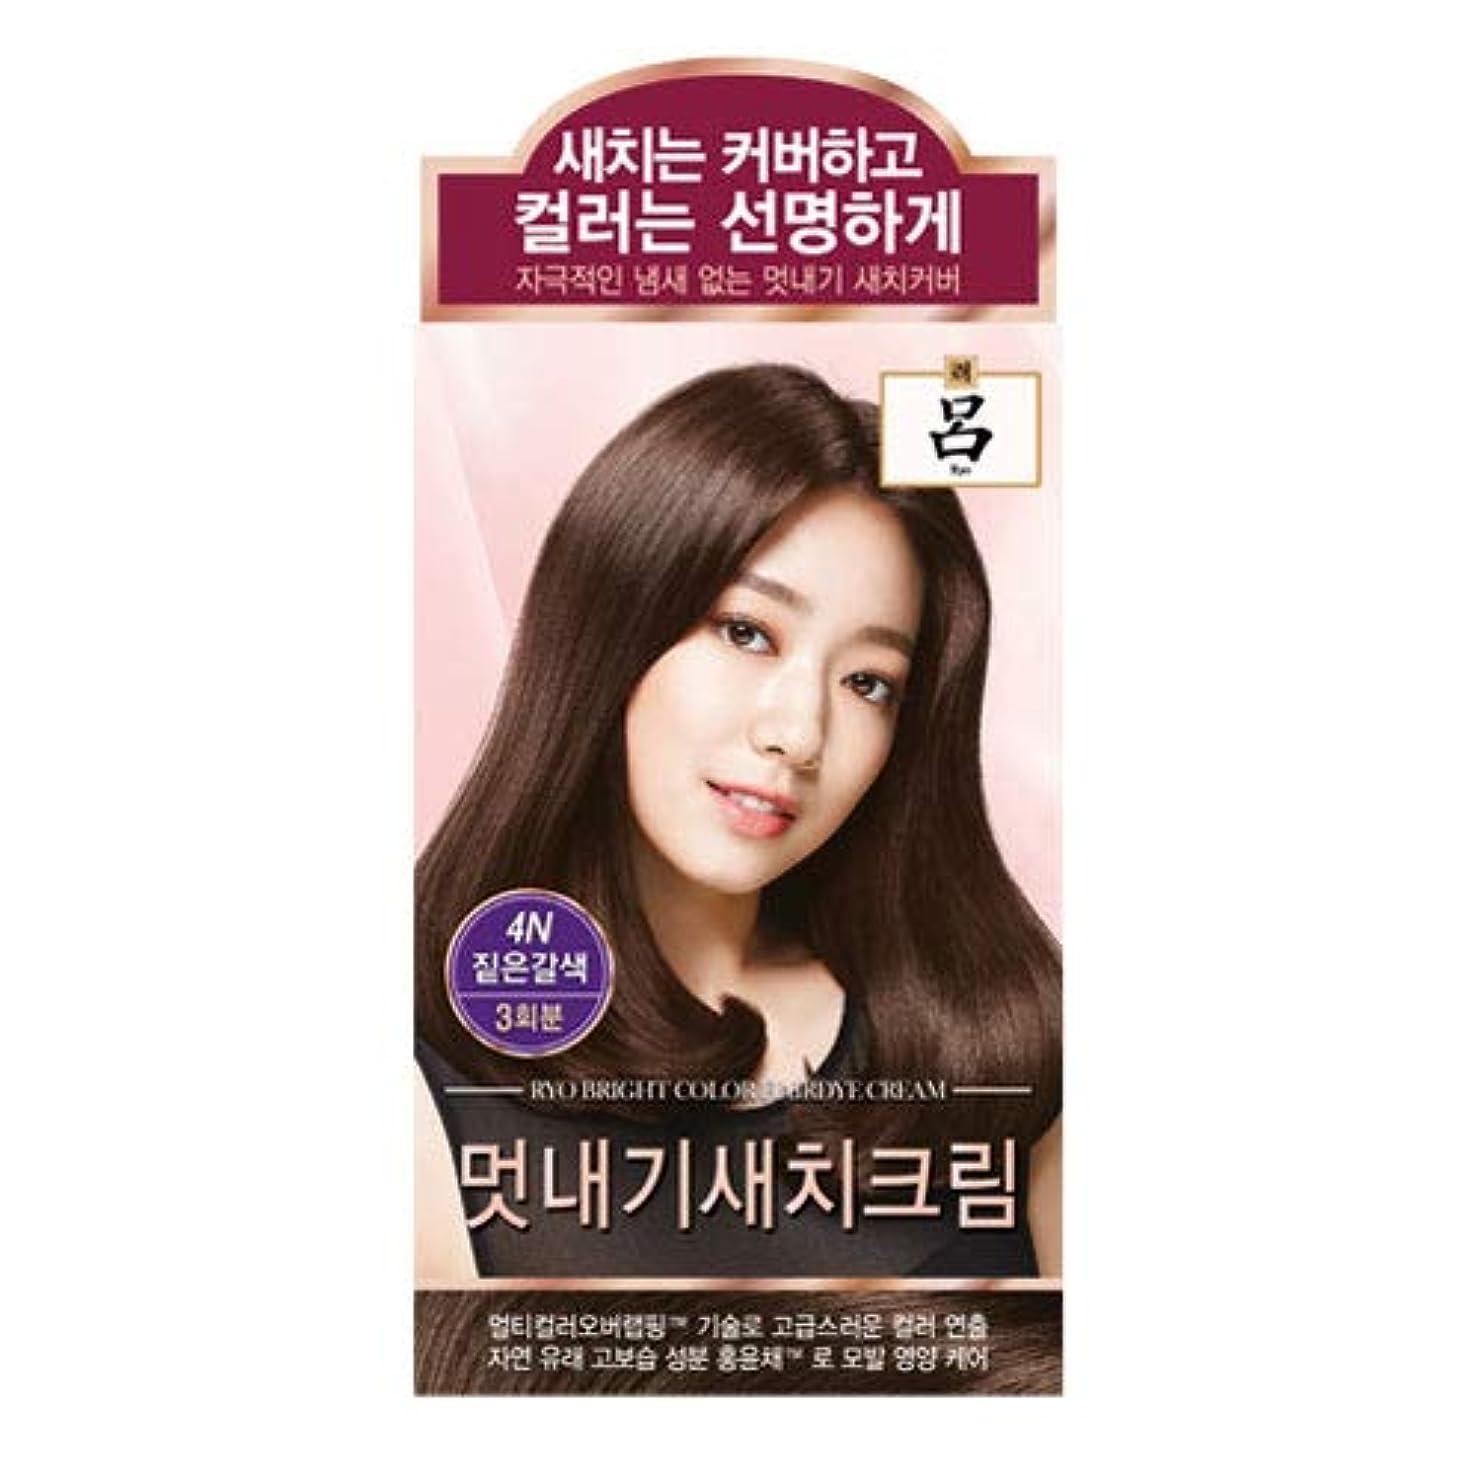 特別な解放折り目アモーレパシフィック呂[AMOREPACIFIC/Ryo] ブライトカラーヘアアイクリーム 4N ディープブラウン/Bright Color Hairdye Cream 4N Deep Brown